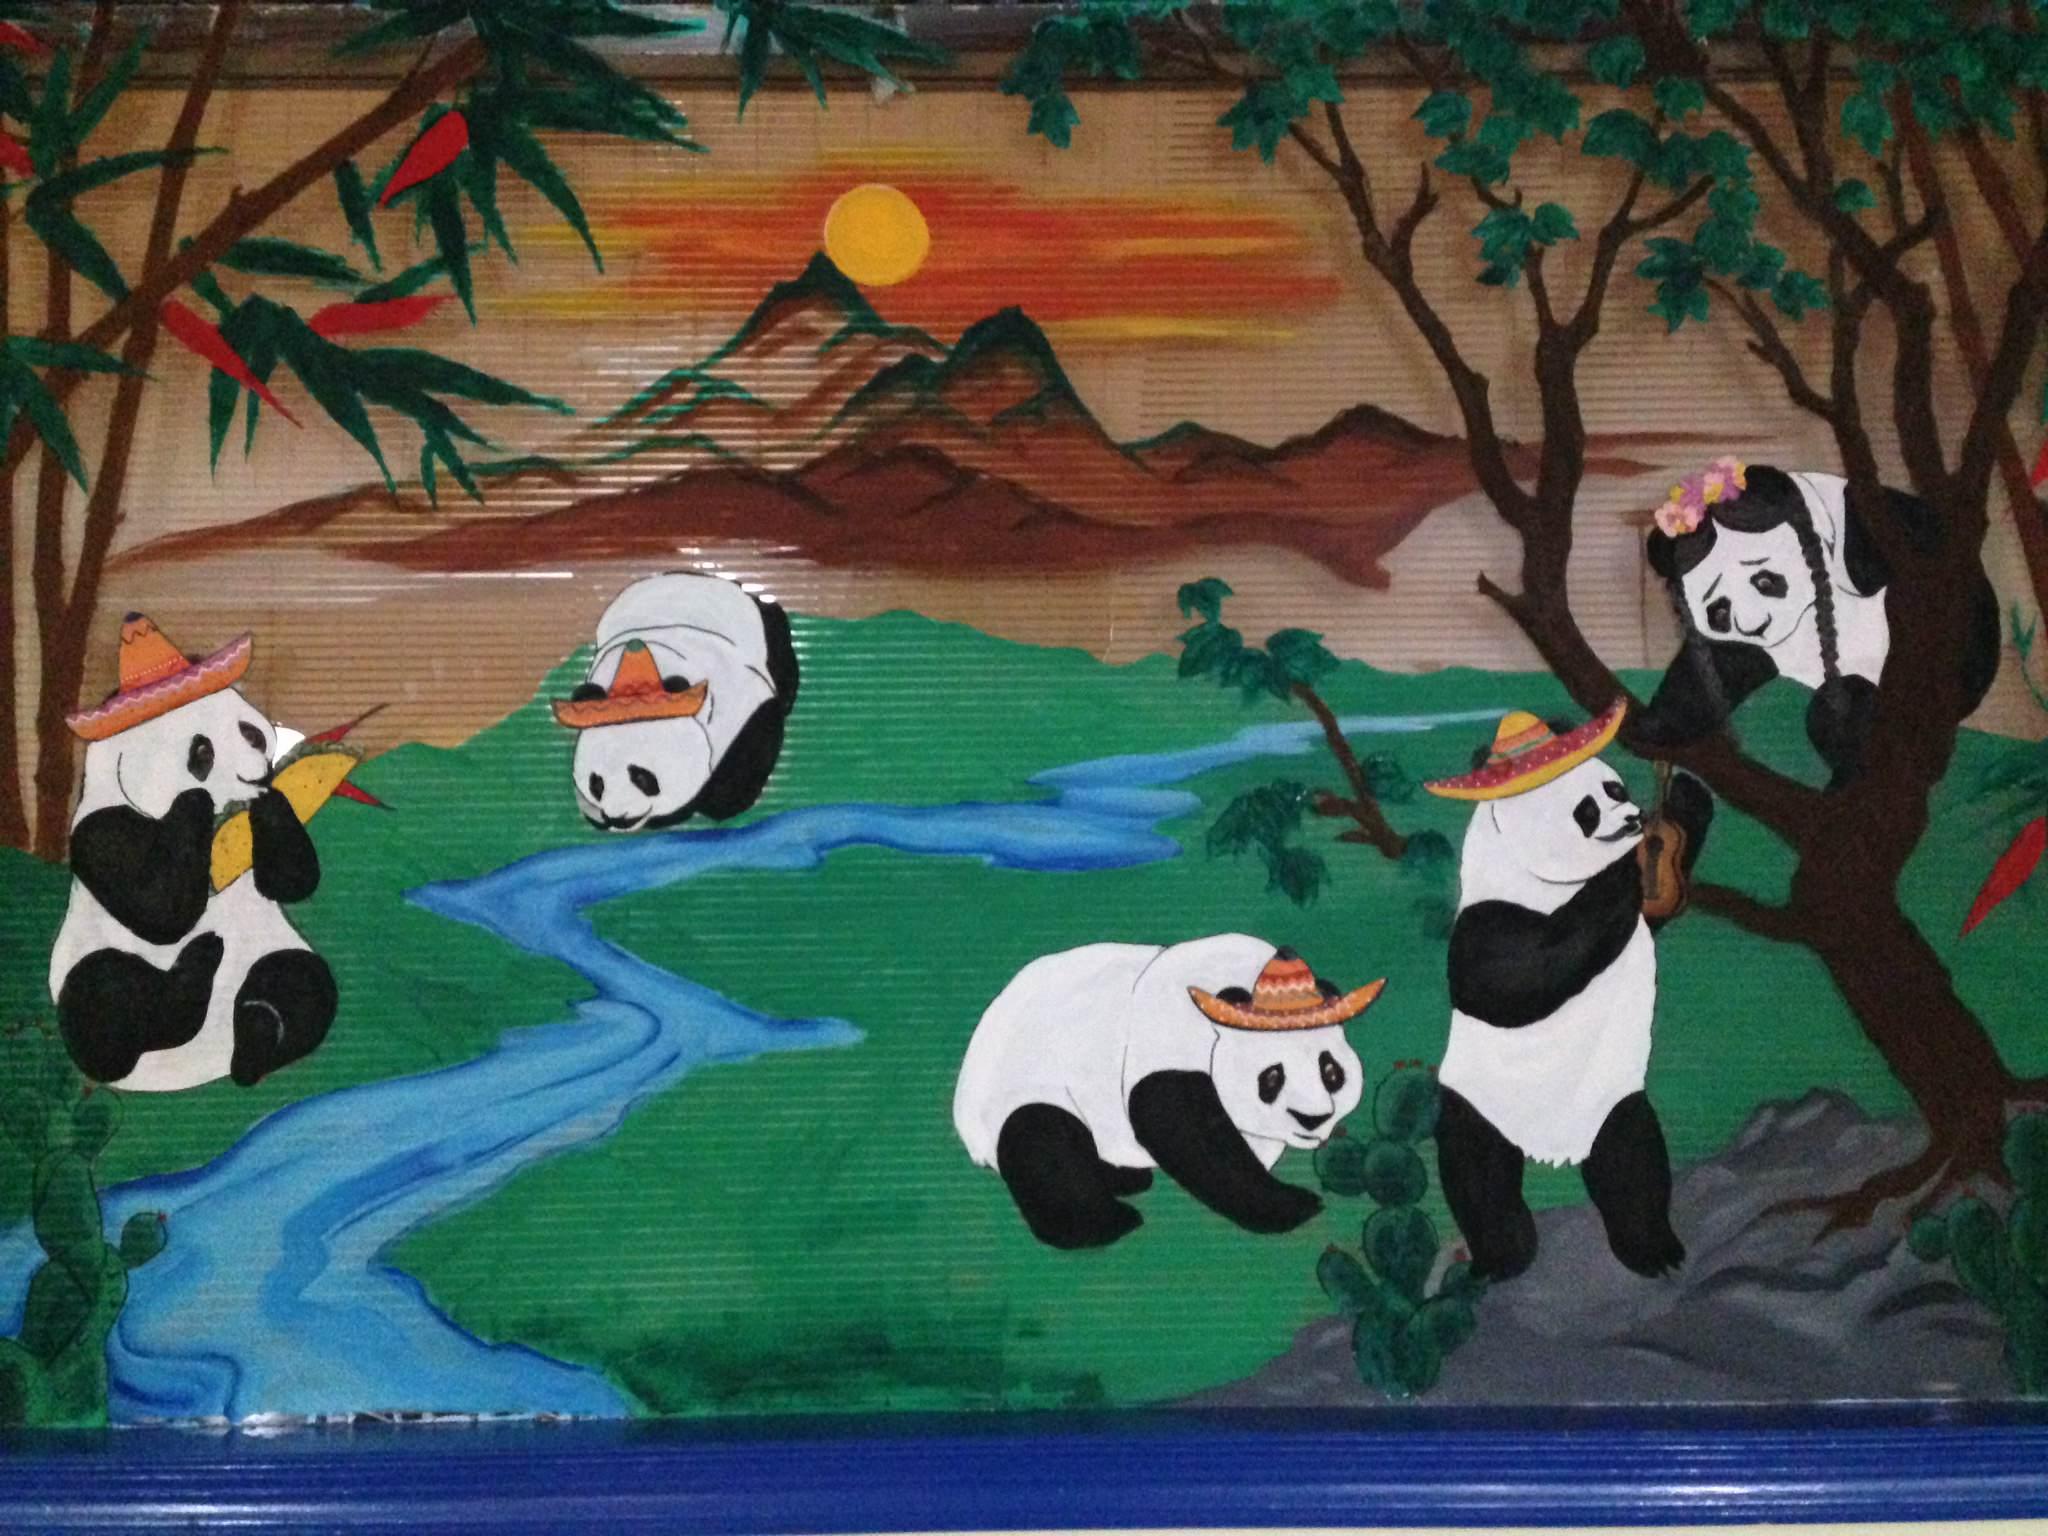 Шляпный вопрос: китайский ресторан за секунду стал мексиканским Шляпный вопрос: китайский ресторан за секунду стал мексиканским pandy